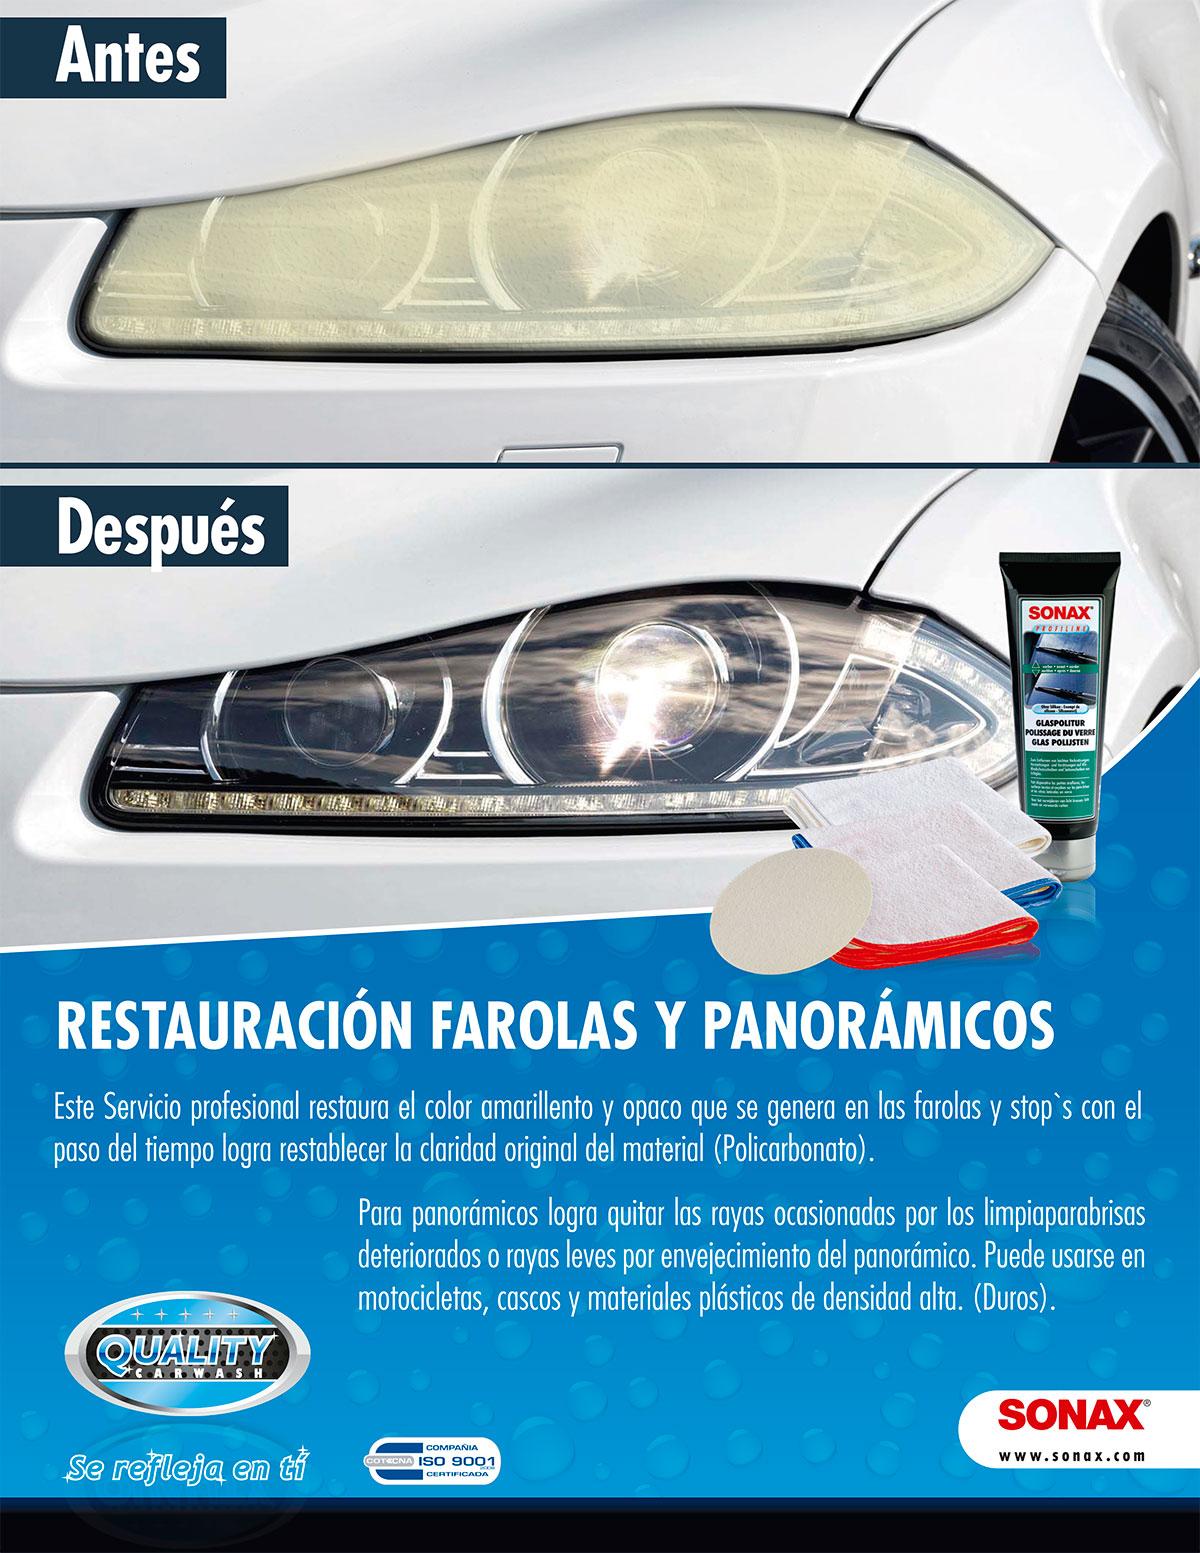 restaruracion_de_farolas_cr